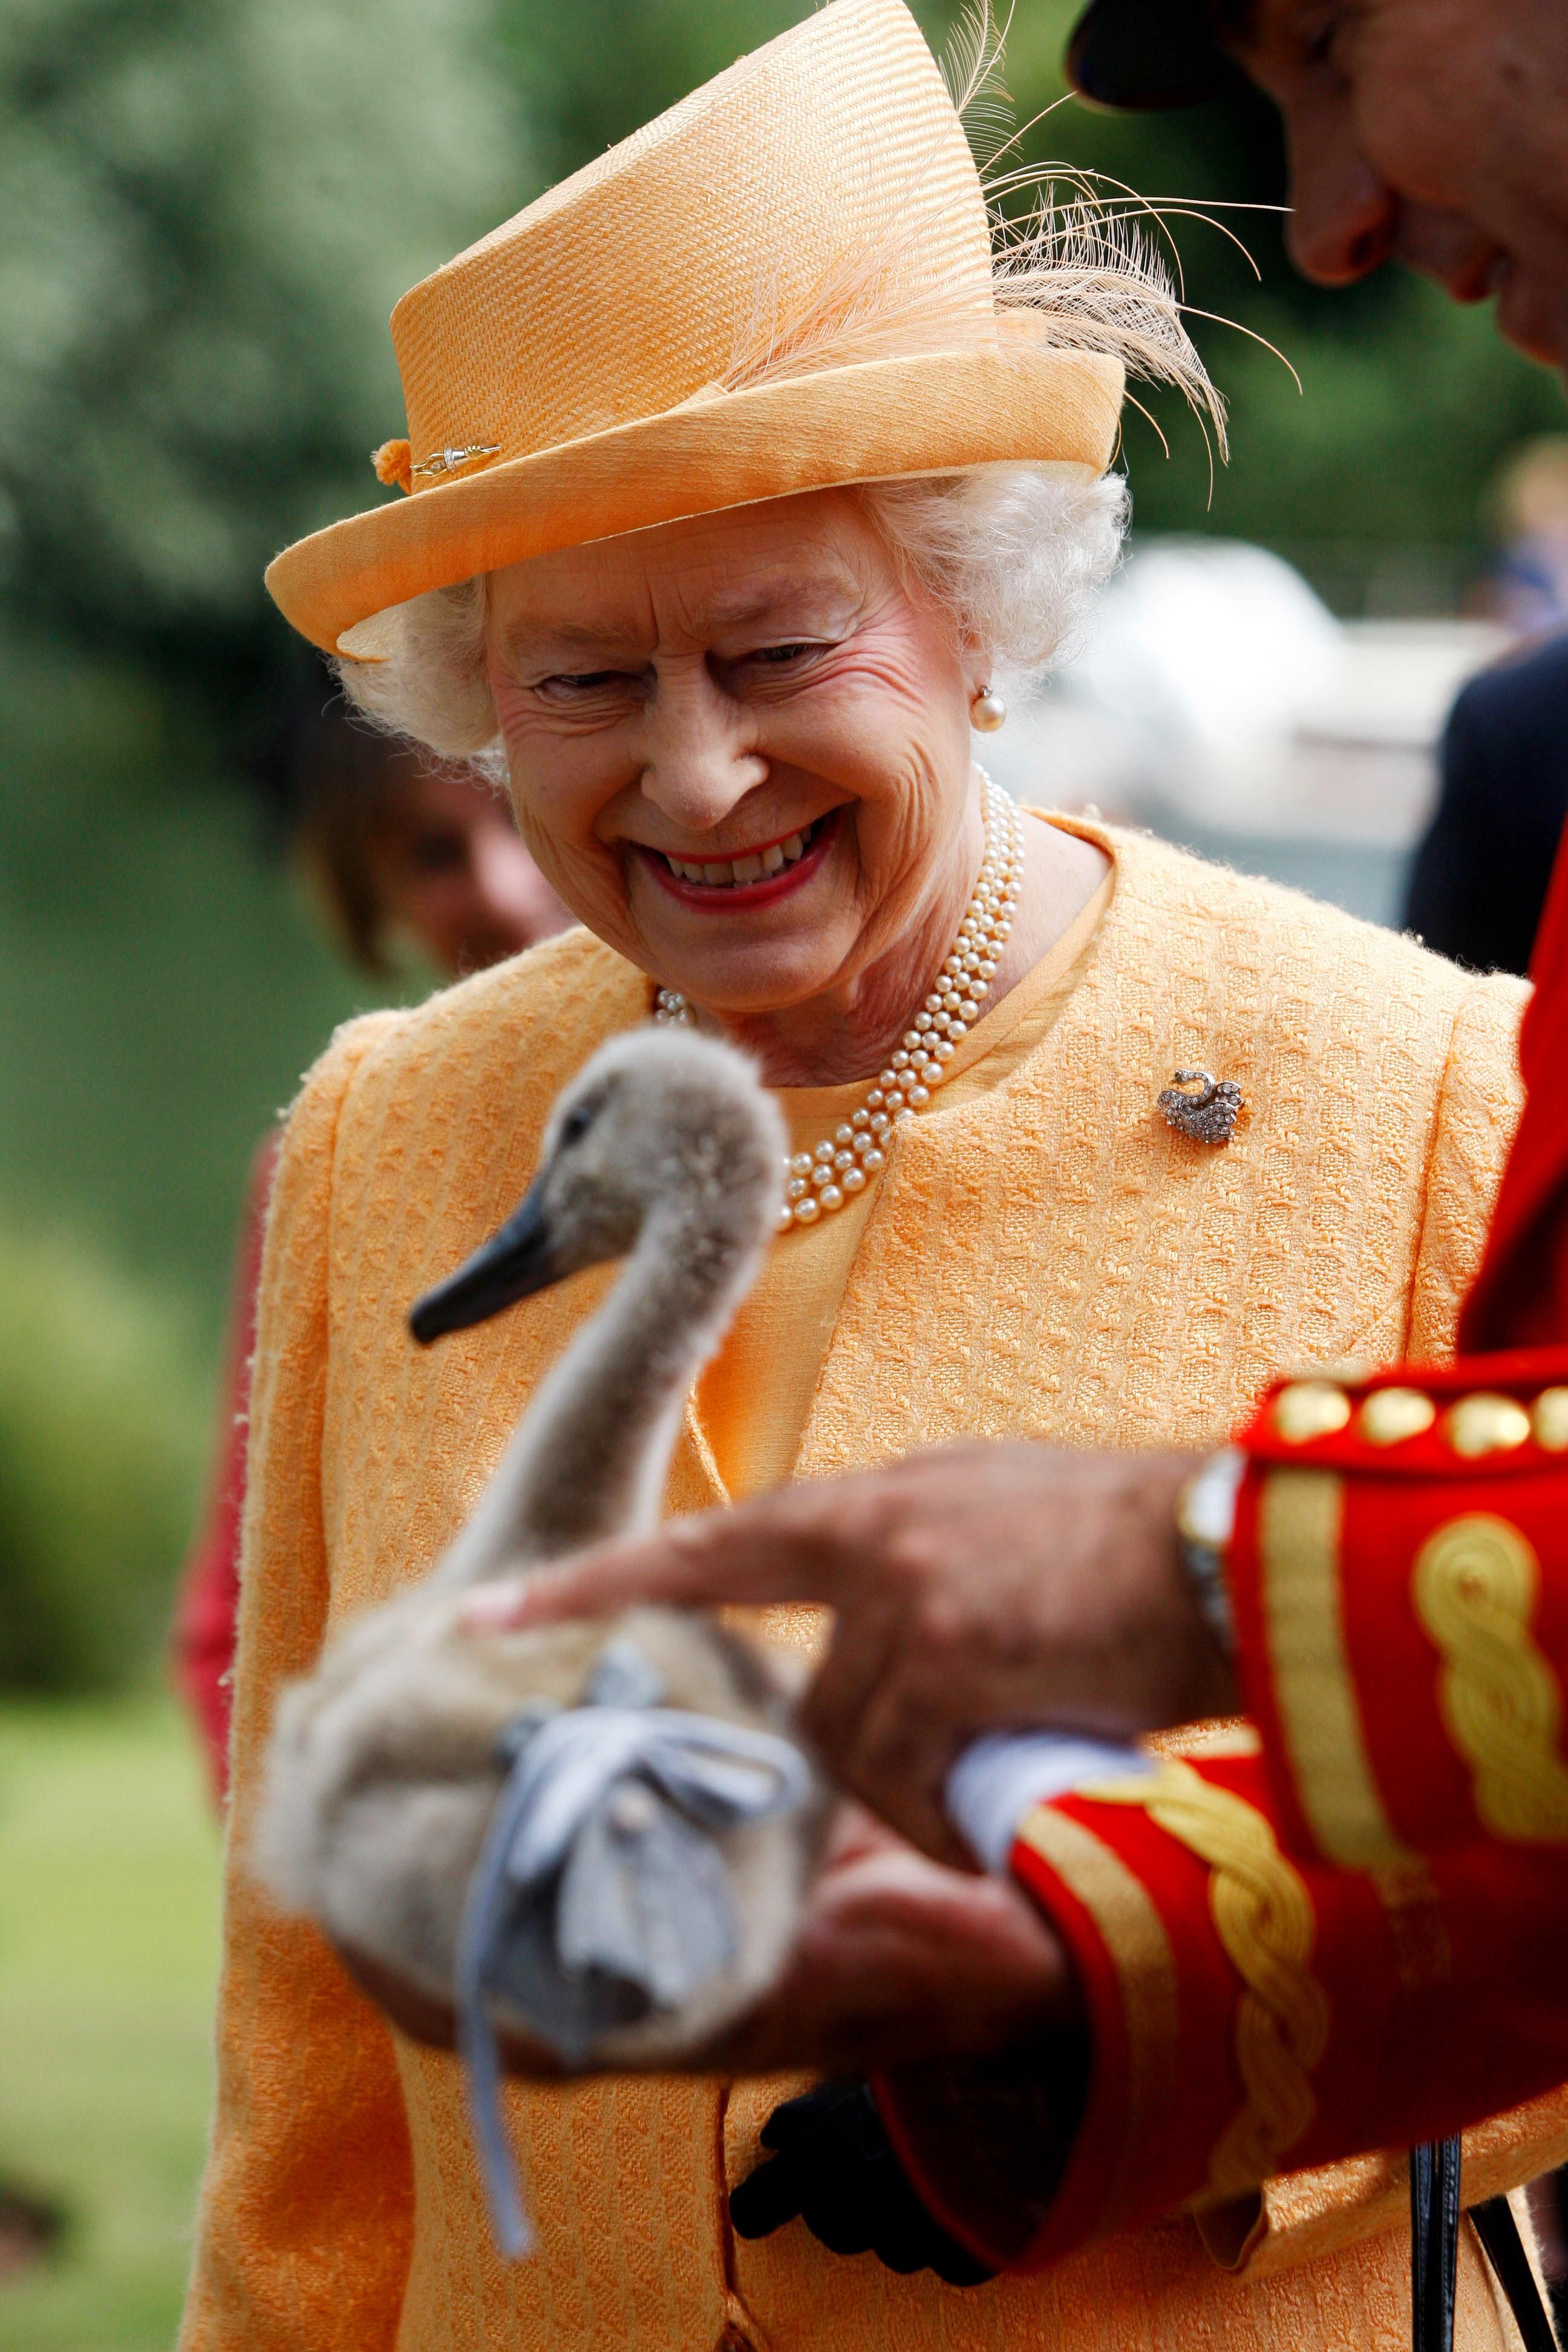 Rainha Elizabeth II durante um recenseamento de um cisne no rio Tâmisa, em 20 de julho de 2009, perto de Windsor, Inglaterra (Foto: Getty Images)